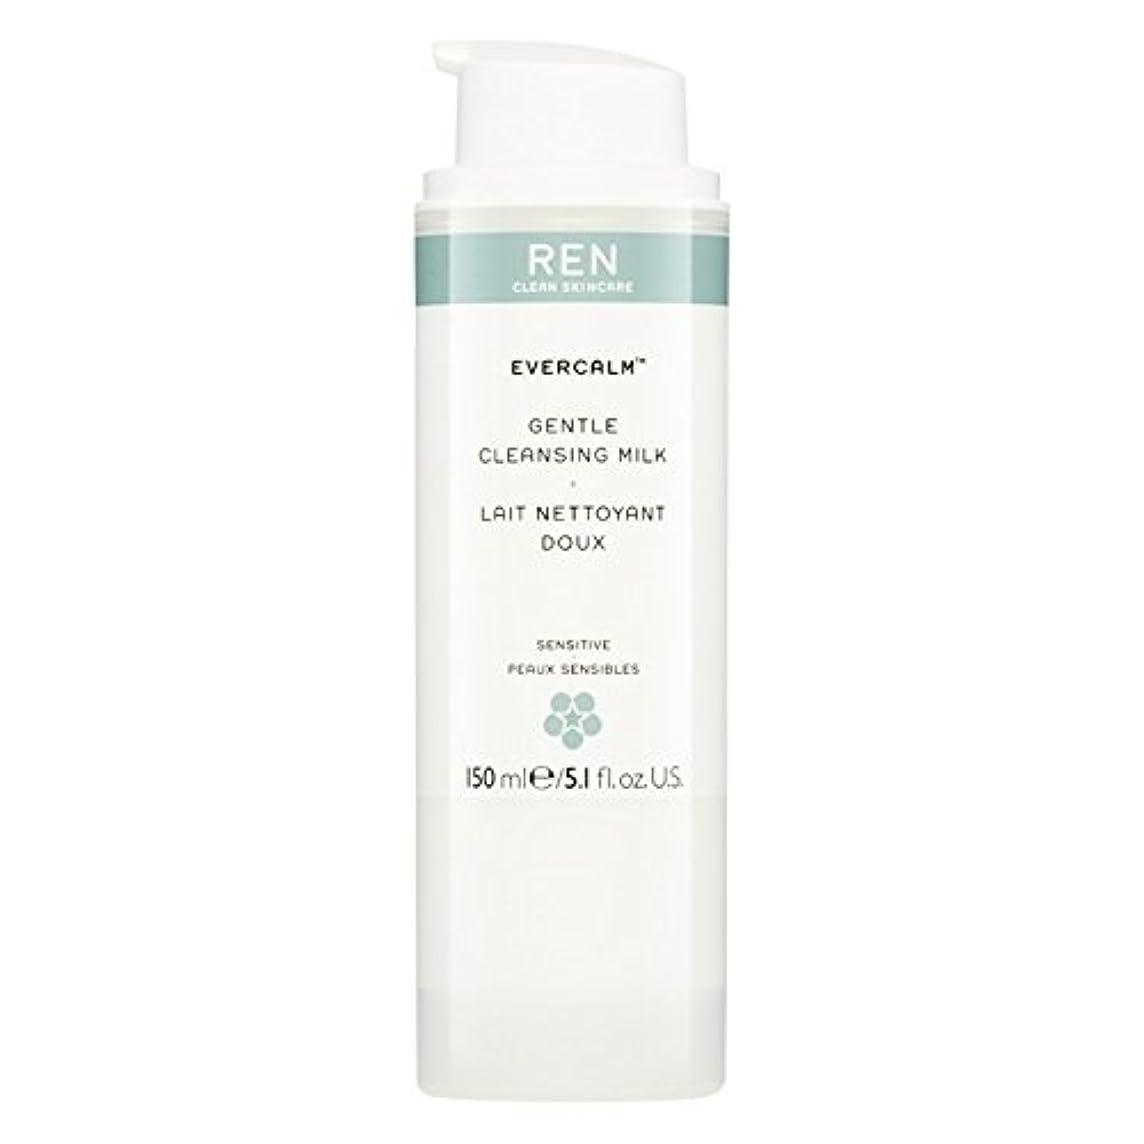 立場逆説驚いたRen Evercalm優しいクレンジングミルク、150ミリリットル (REN) (x6) - REN Evercalm Gentle Cleansing Milk, 150ml (Pack of 6) [並行輸入品]